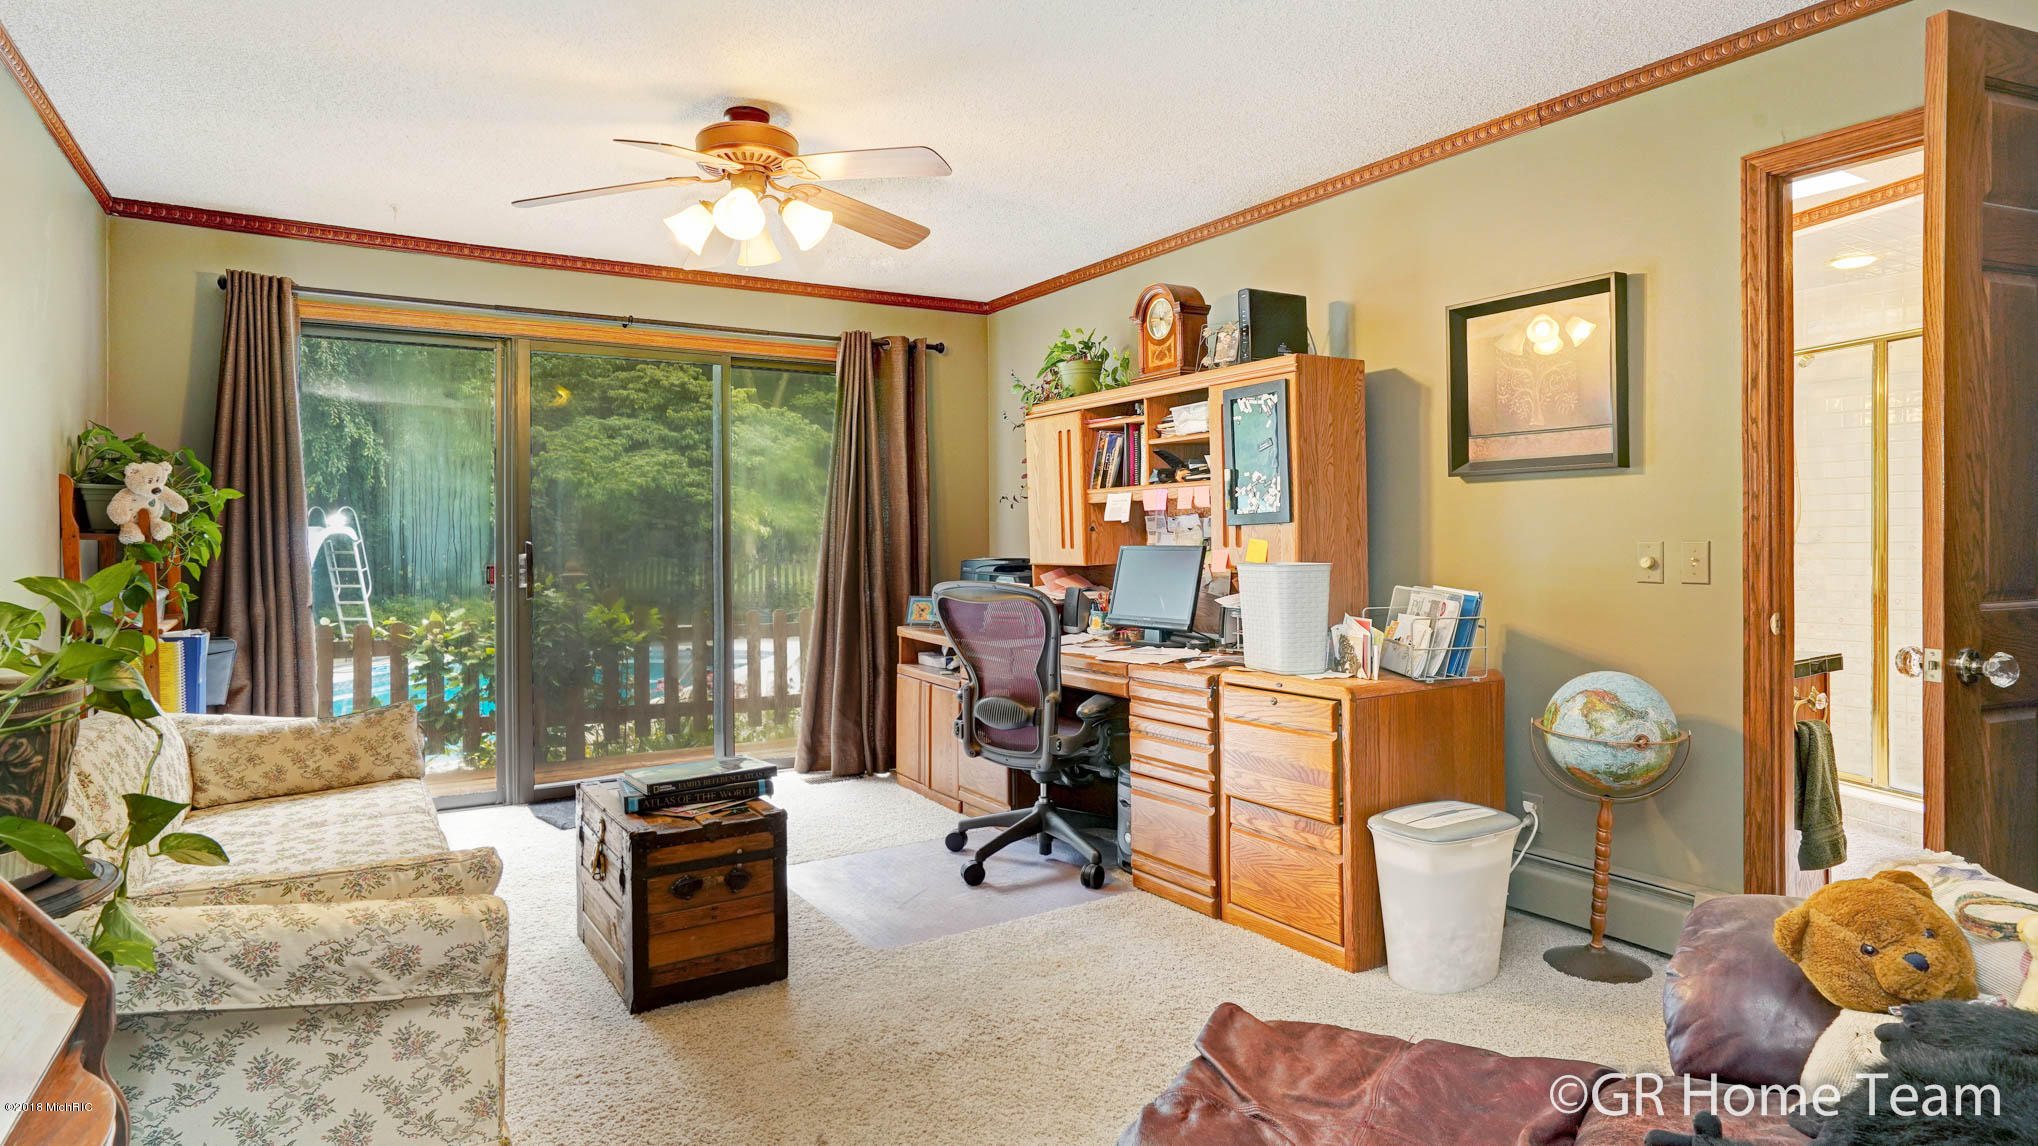 Bedroom 2/Office/Nursey